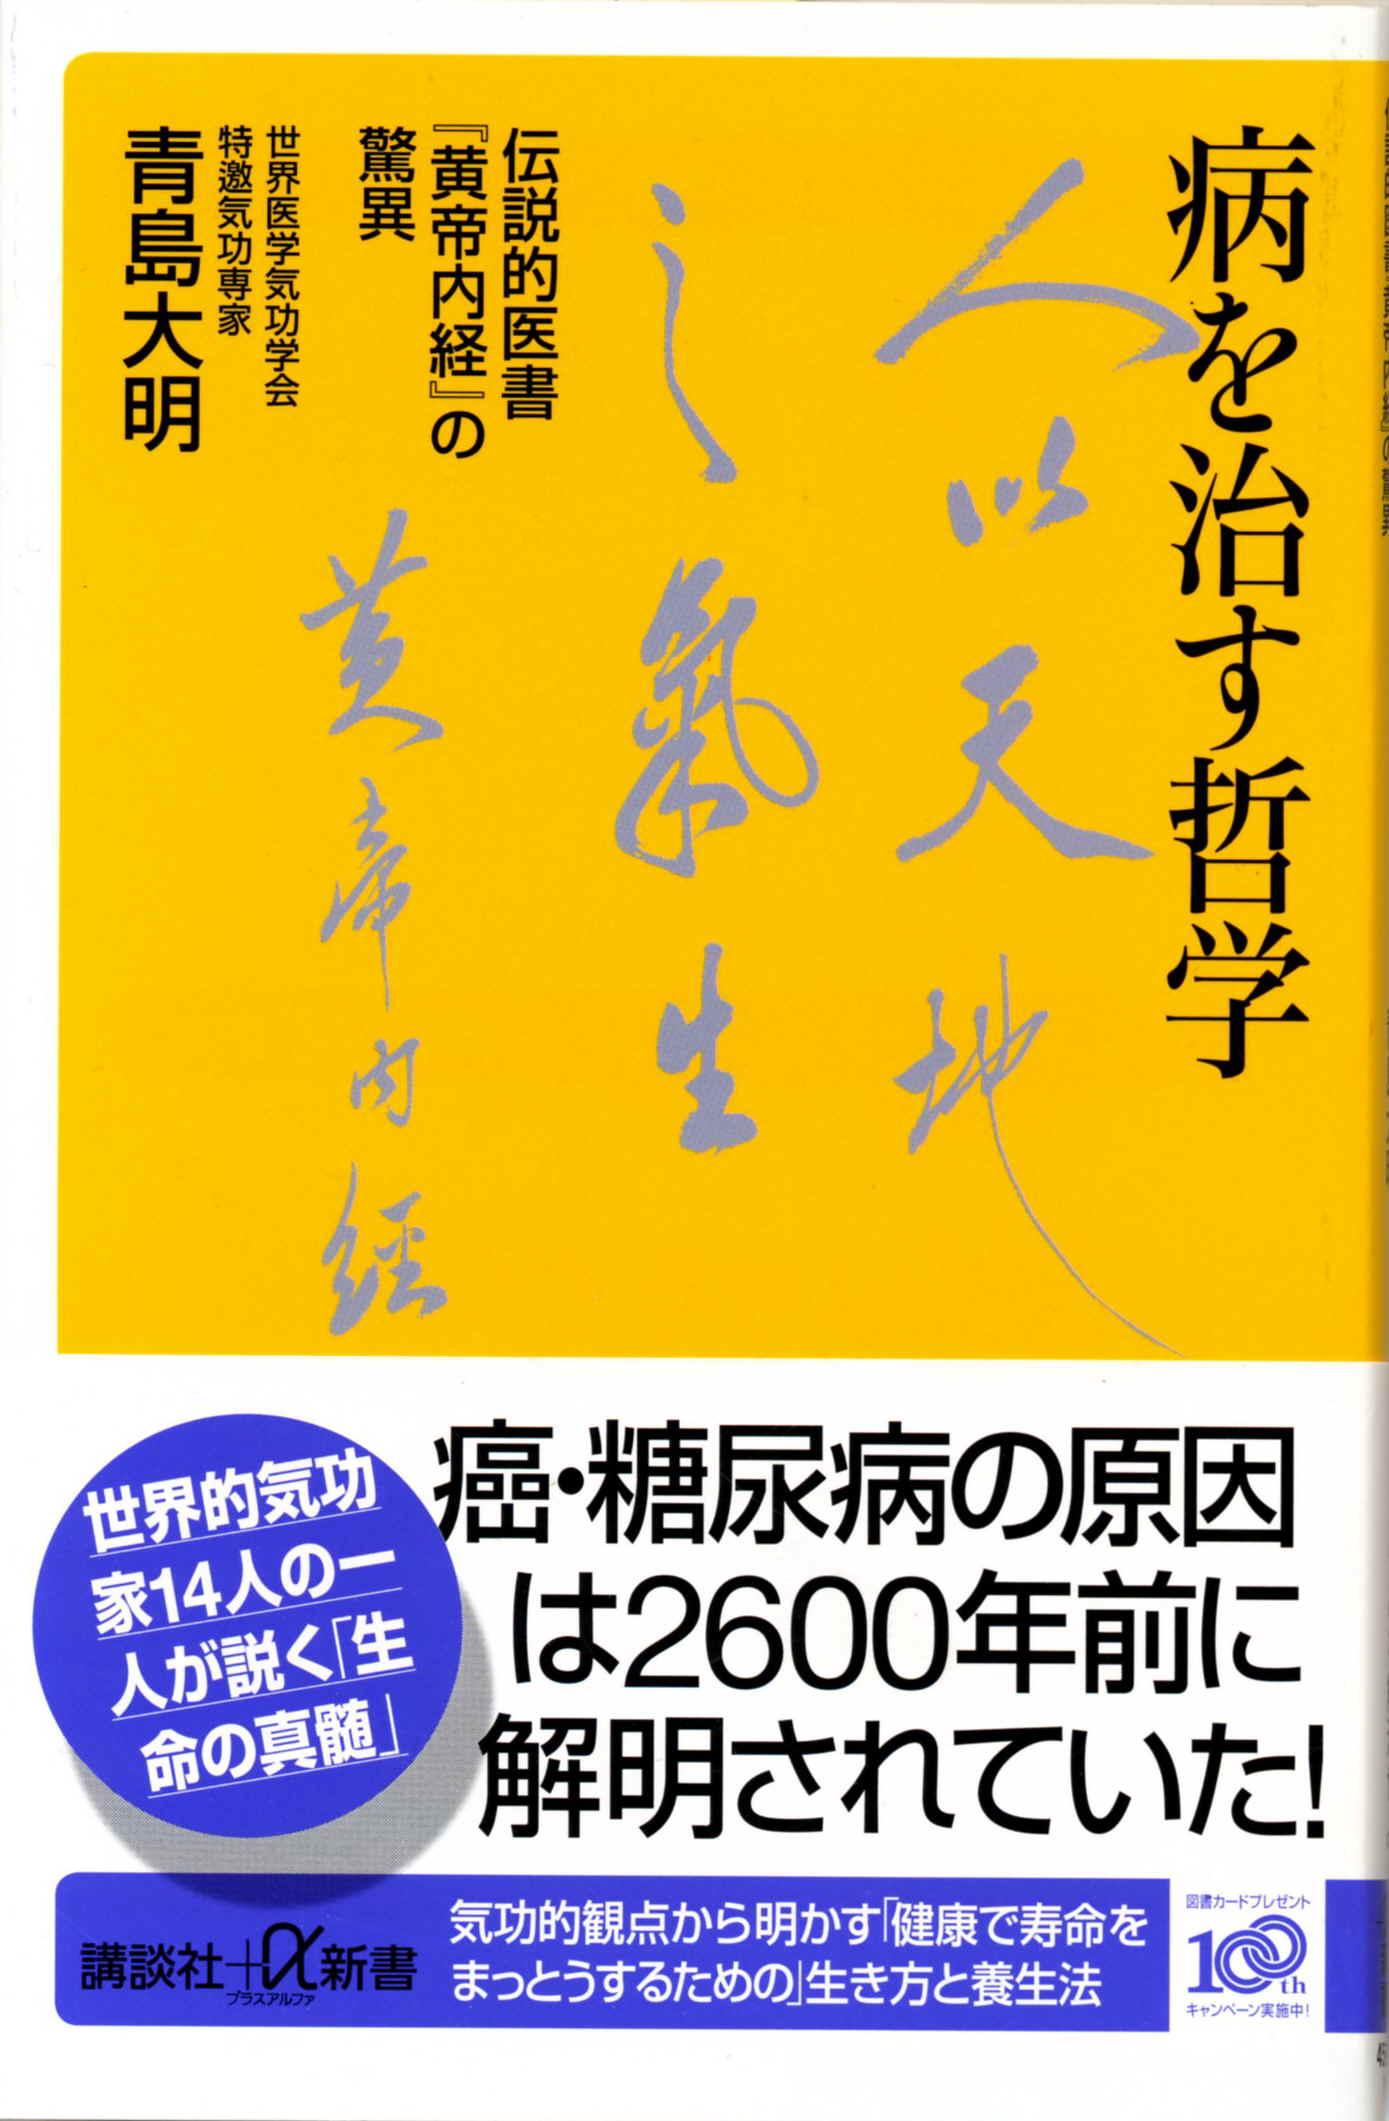 青島大明著『病を治す哲学』-伝説的医書『黄帝内経』の驚異-